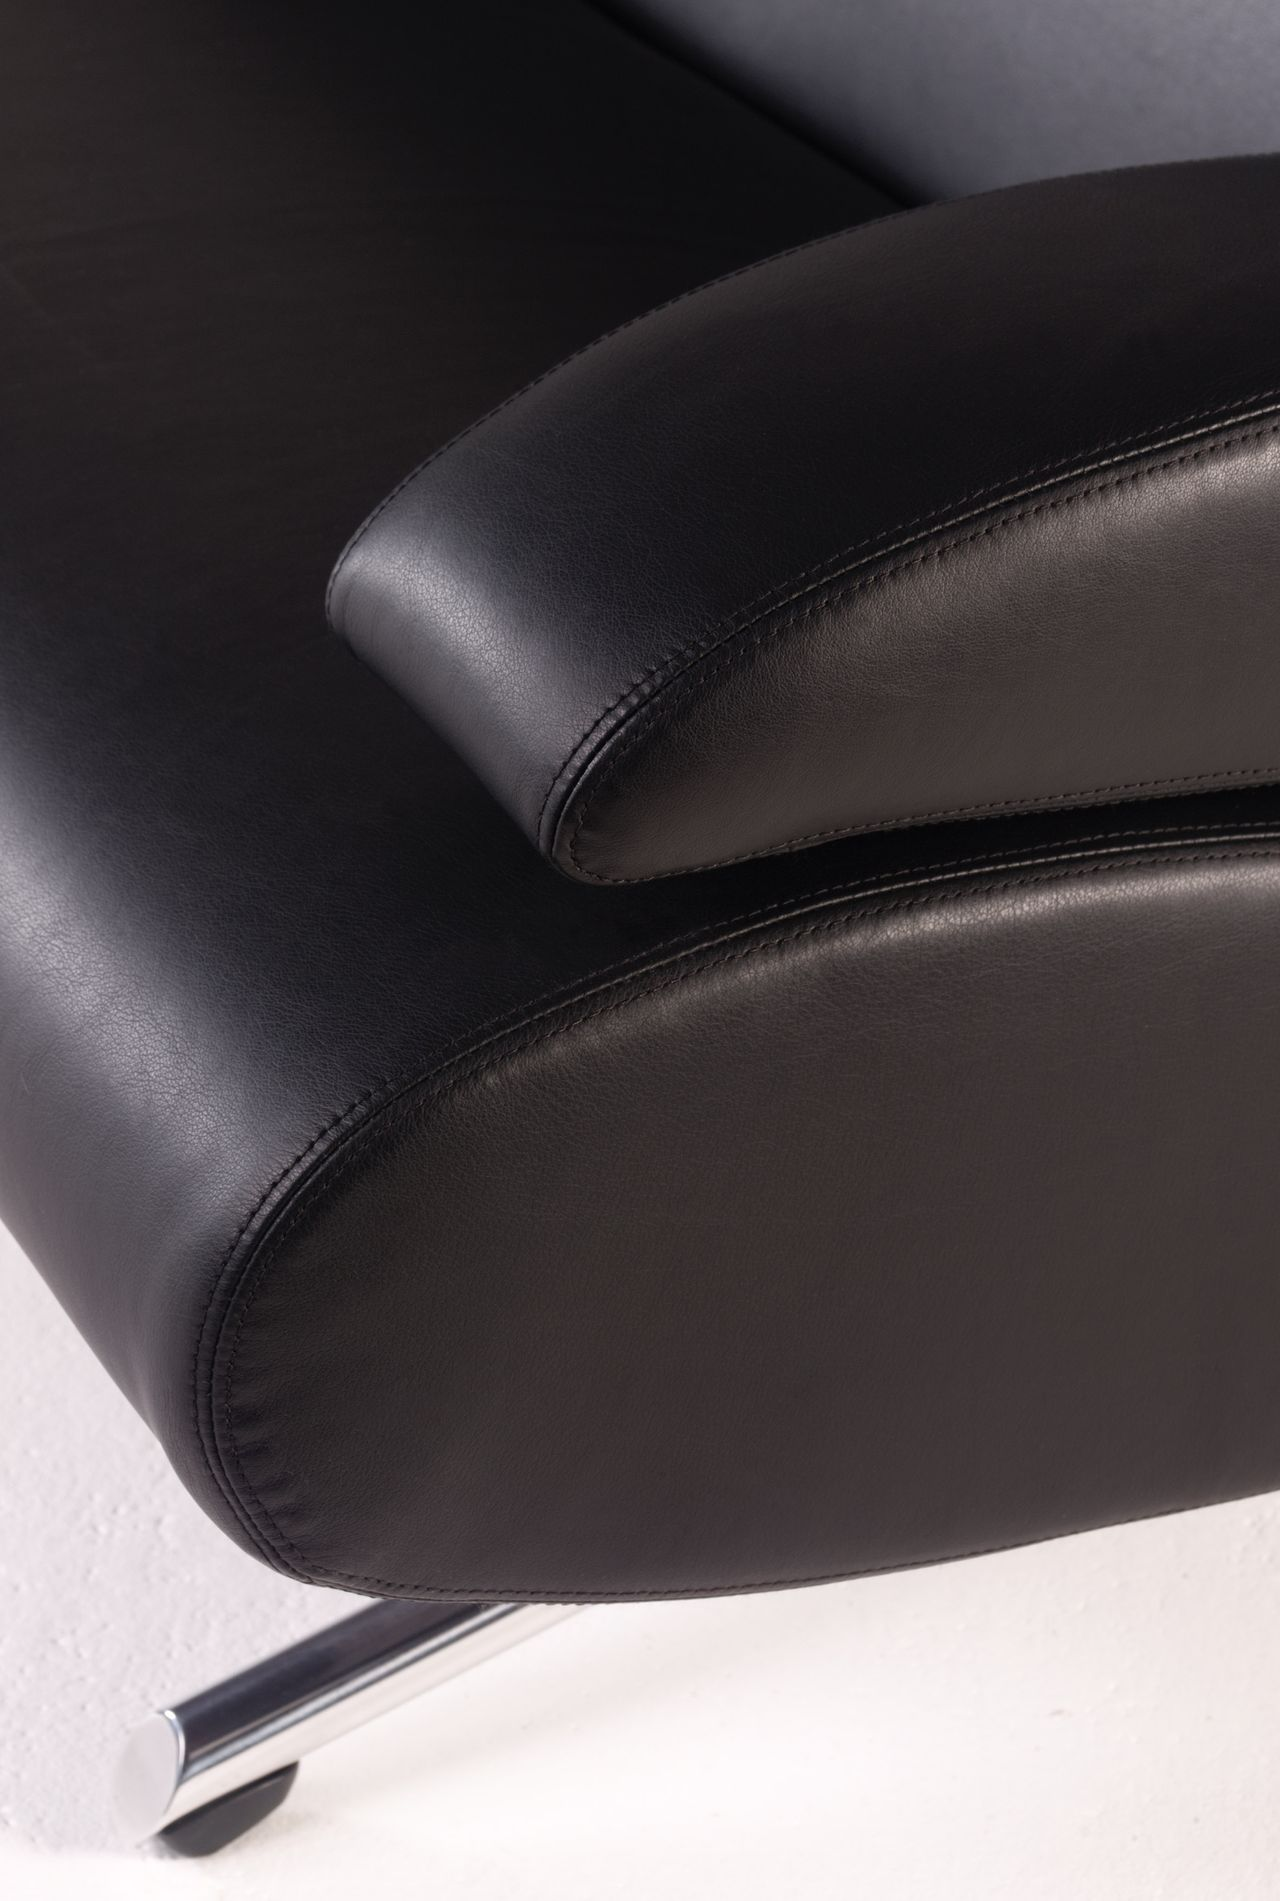 Tara sofa detail